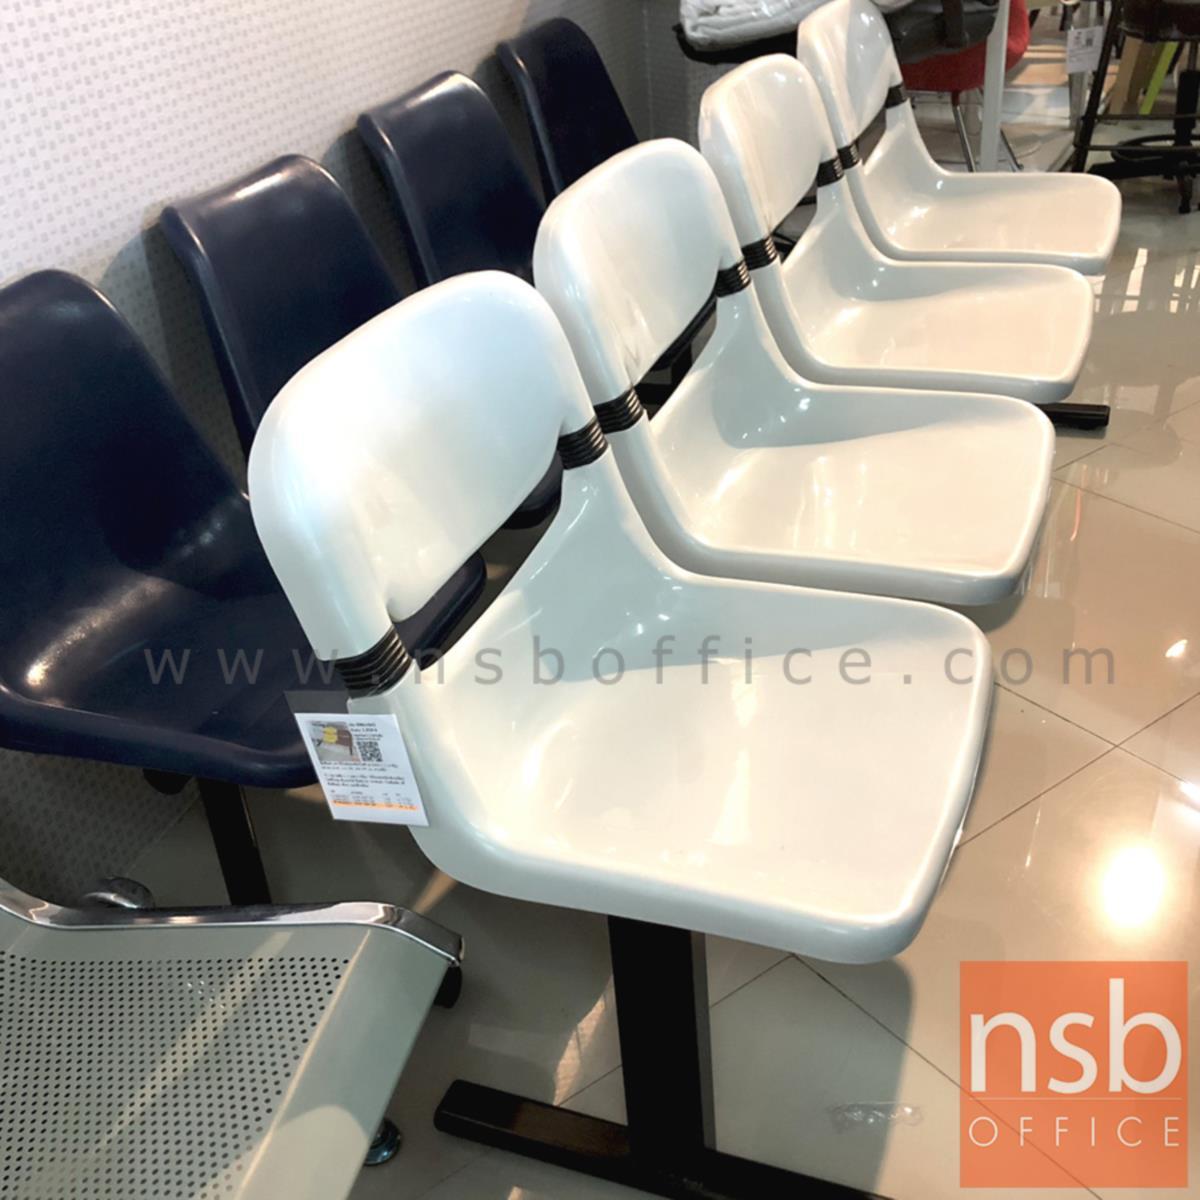 เก้าอี้นั่งคอยเฟรมโพลี่ รุ่น B890 2 ,3 ,4 ที่นั่ง ขนาด 101W ,153.5W ,206.5W cm. ขาเหล็ก